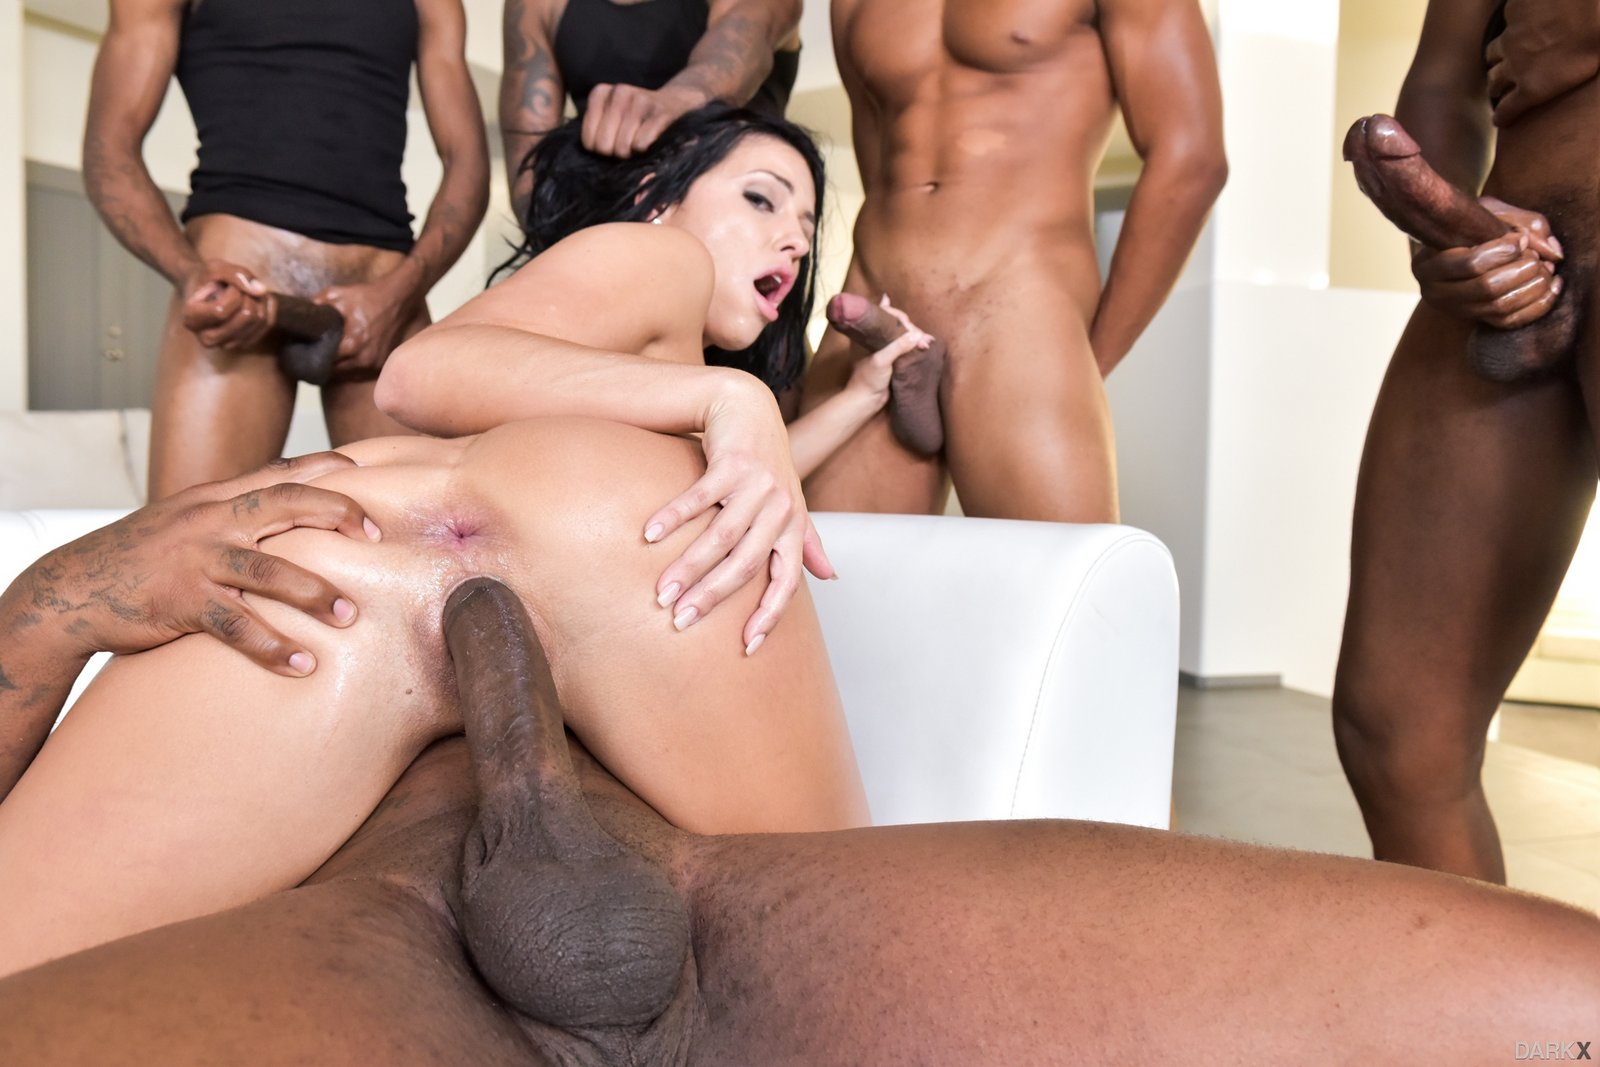 смотреть порно видеоролики межрассовый секс жизнь штука длинная